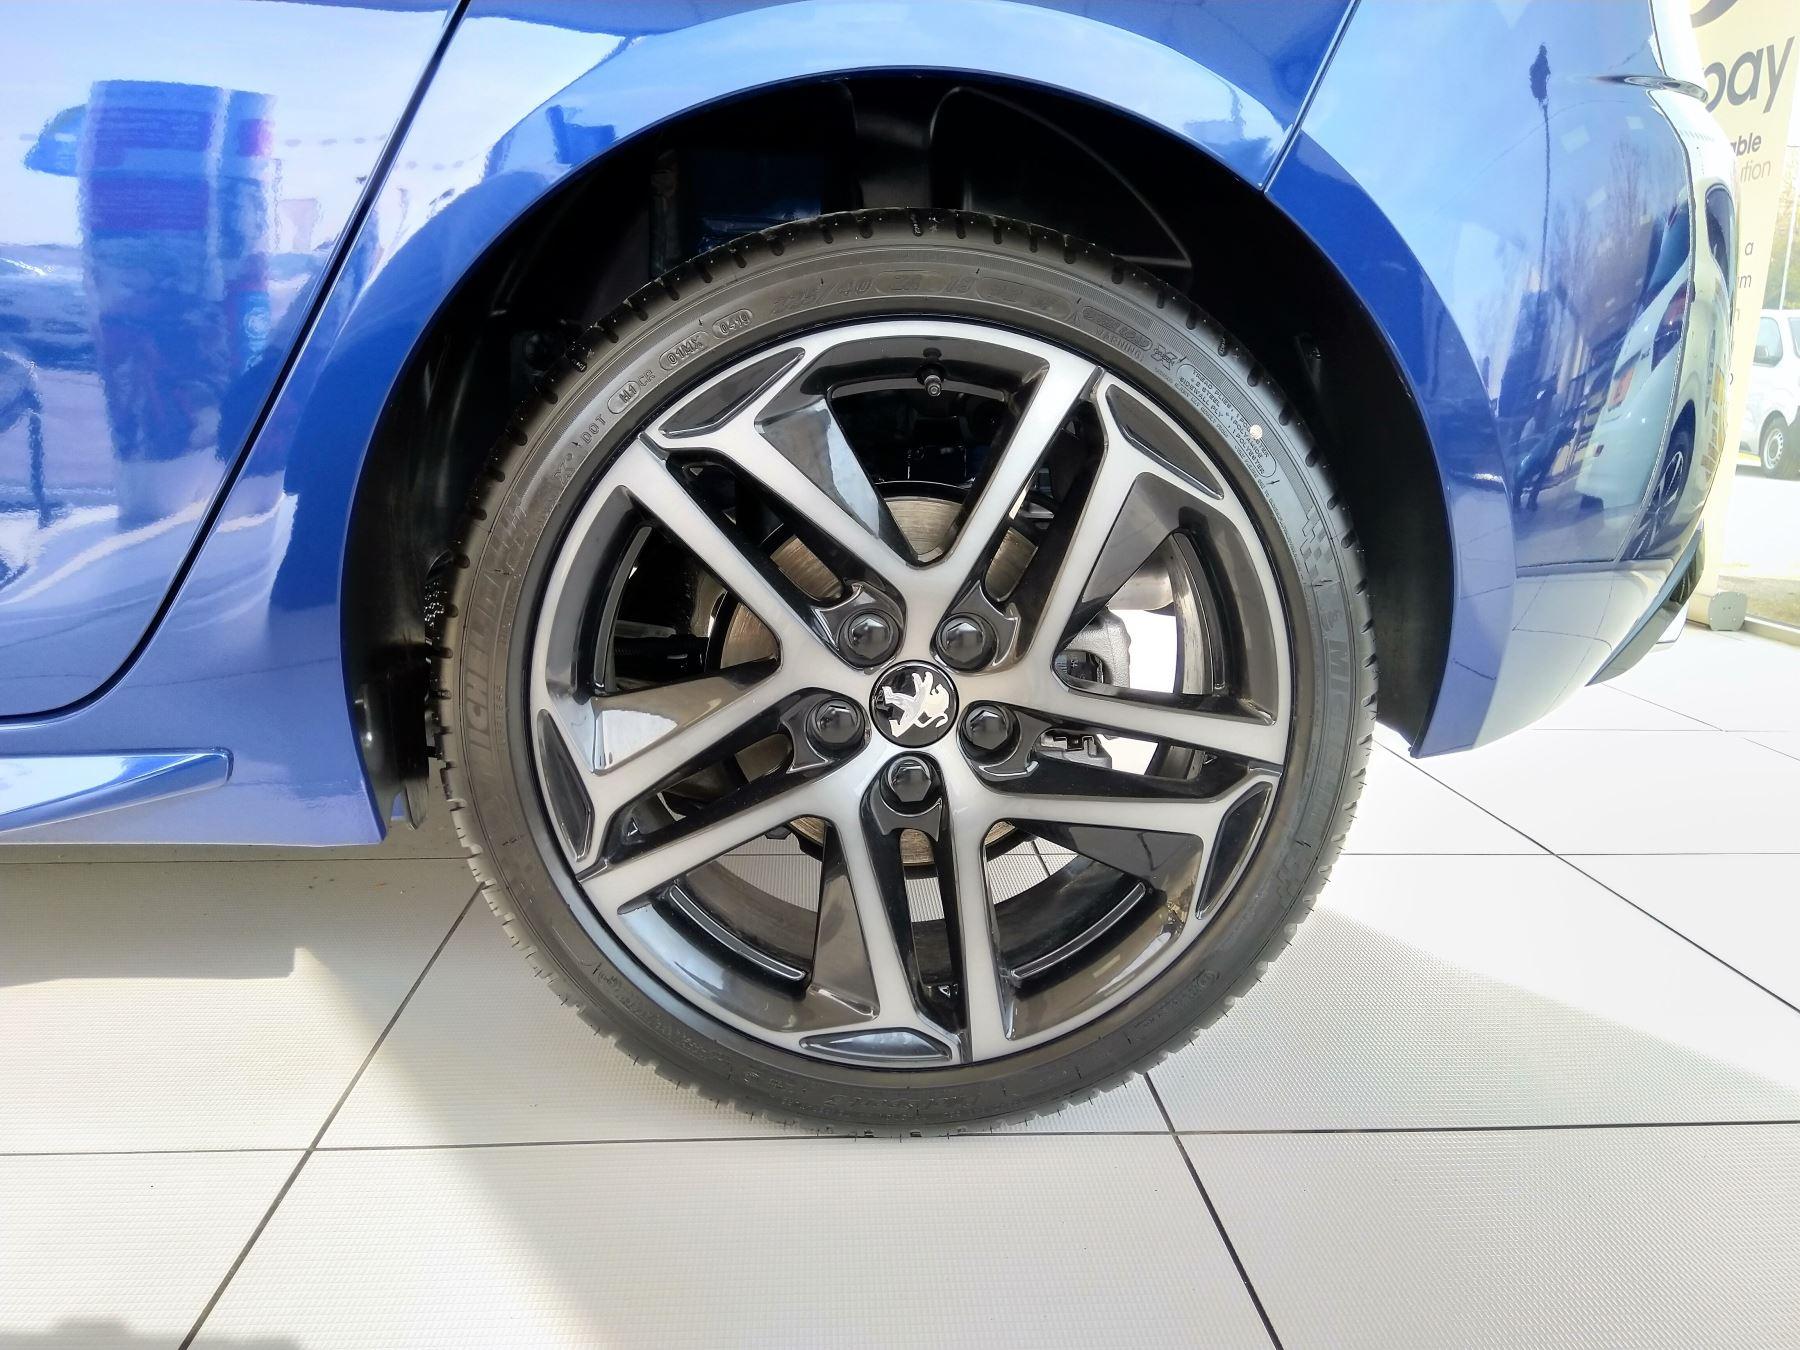 Peugeot 308 1.5 BlueHDi 130 GT Line image 3